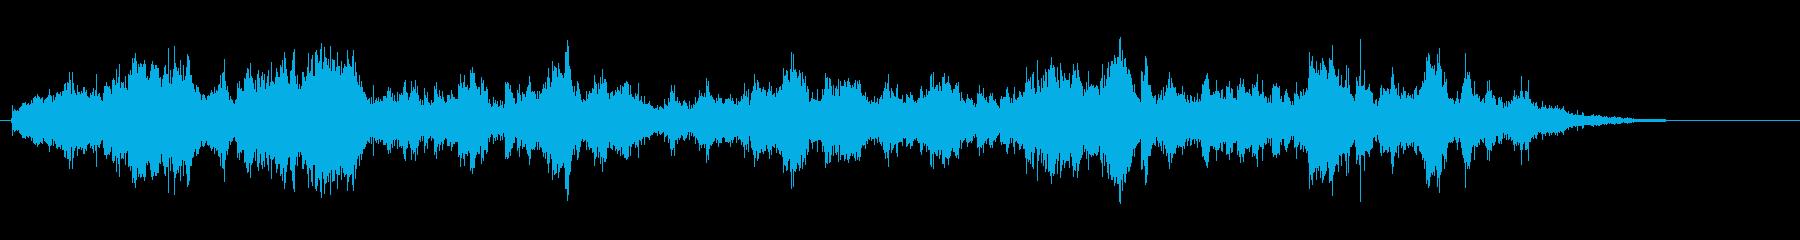 気持ち悪い、耳障り、 具合が悪くなる音4の再生済みの波形